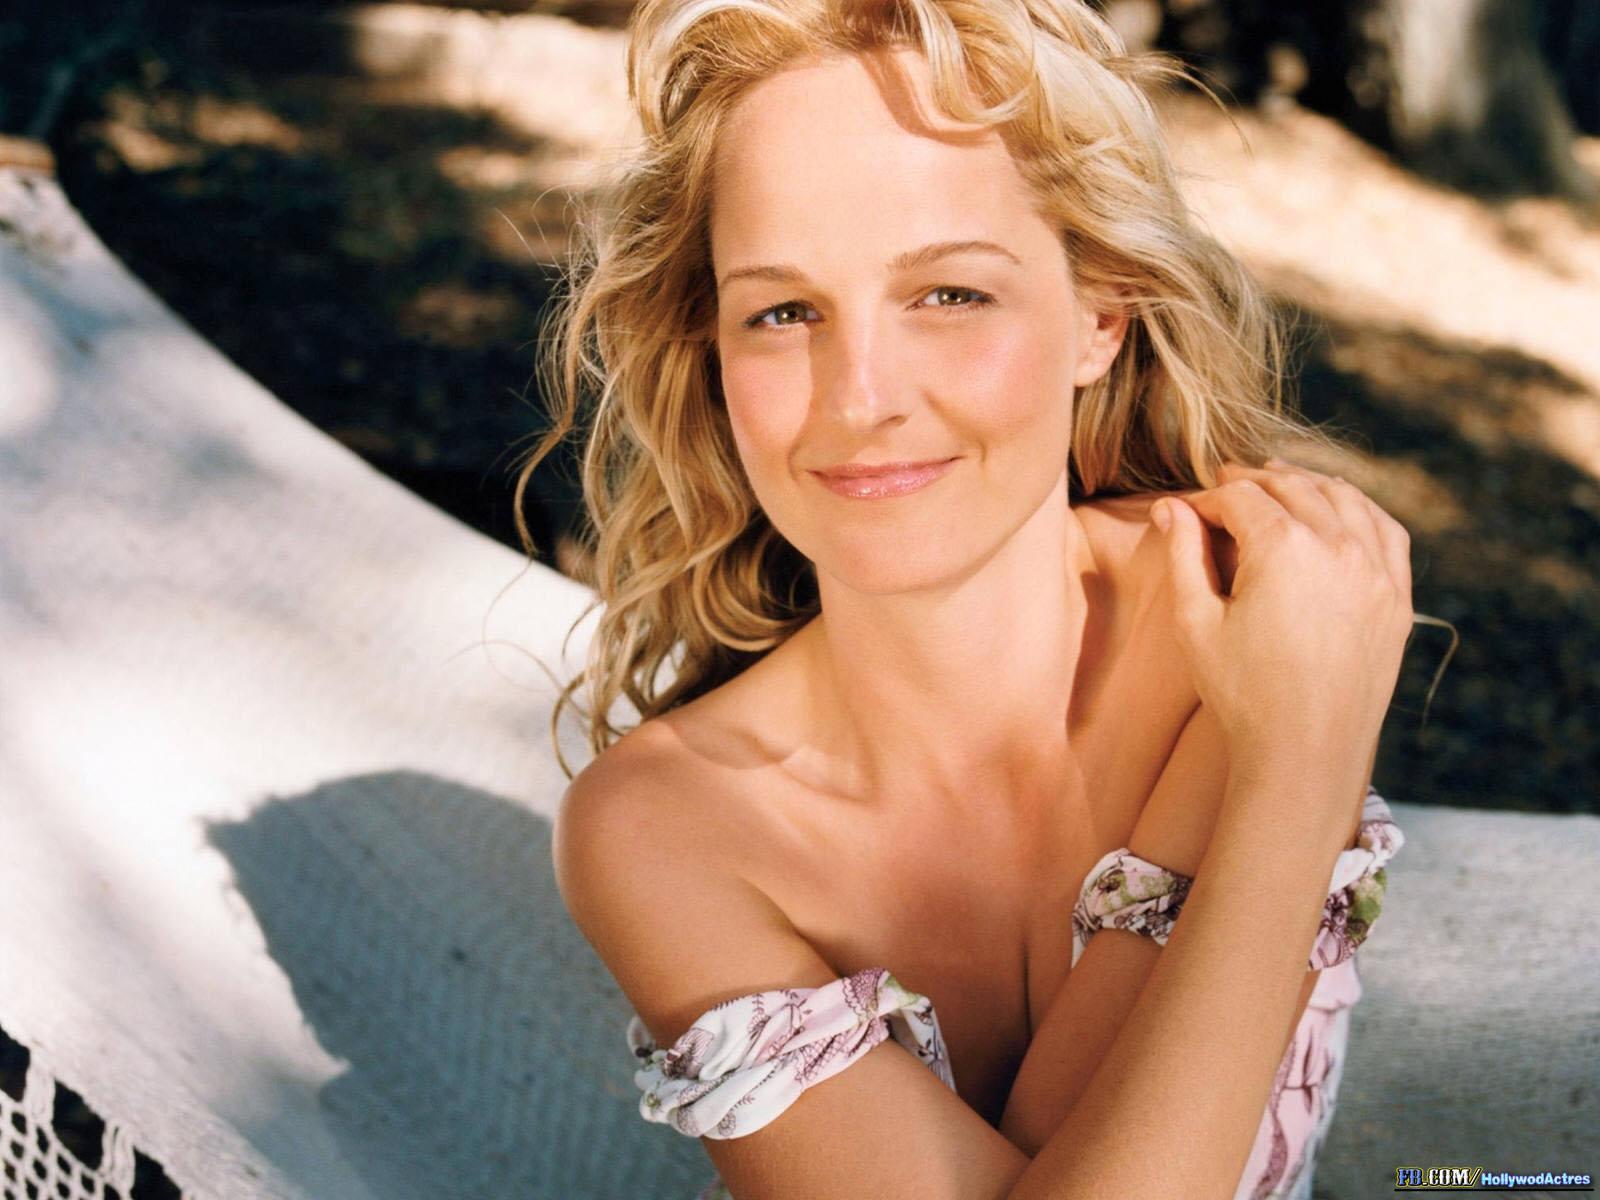 http://2.bp.blogspot.com/-DSfvTZpoTuQ/UR_qTEVap6I/AAAAAAAAMqE/s_LYe4MeR5E/s1600/Helen+Hunt+4.jpg